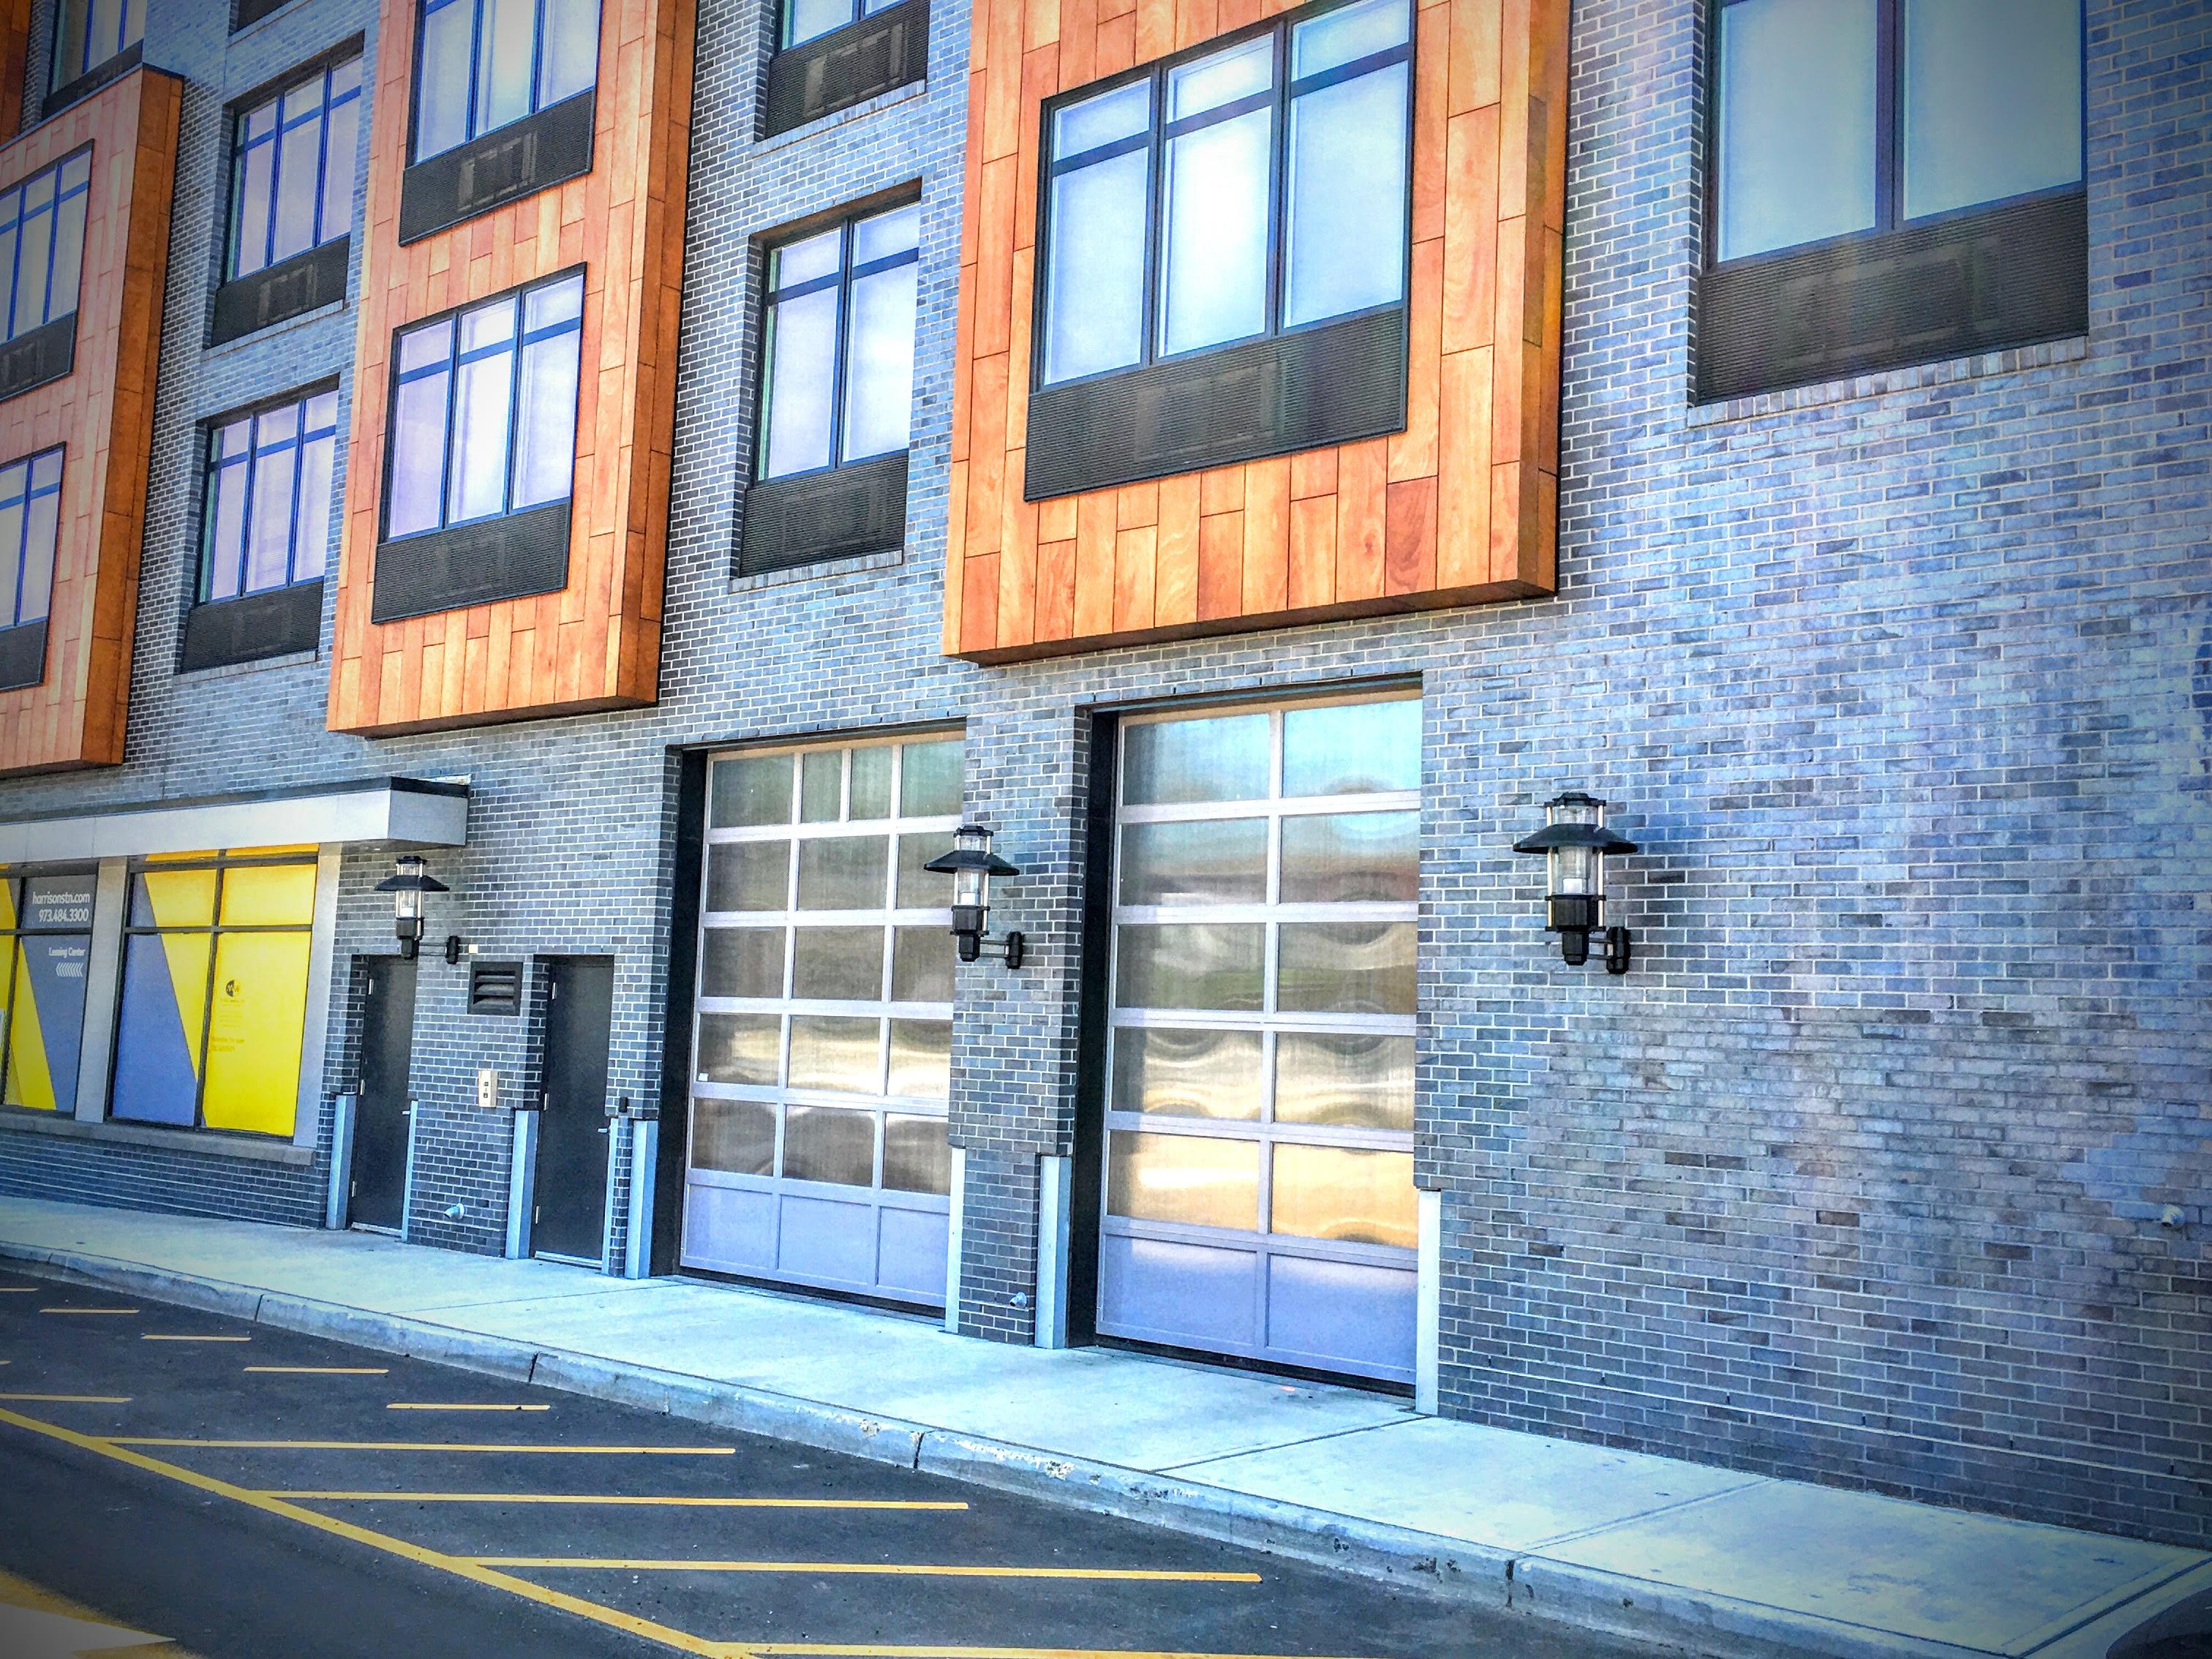 Aluminum Metal Panel Overhead Garage Doors Hoboken, Jersey City, Harrison, Edgewater, Morristown, Fort Lee, Weehawken, Cliffside Park